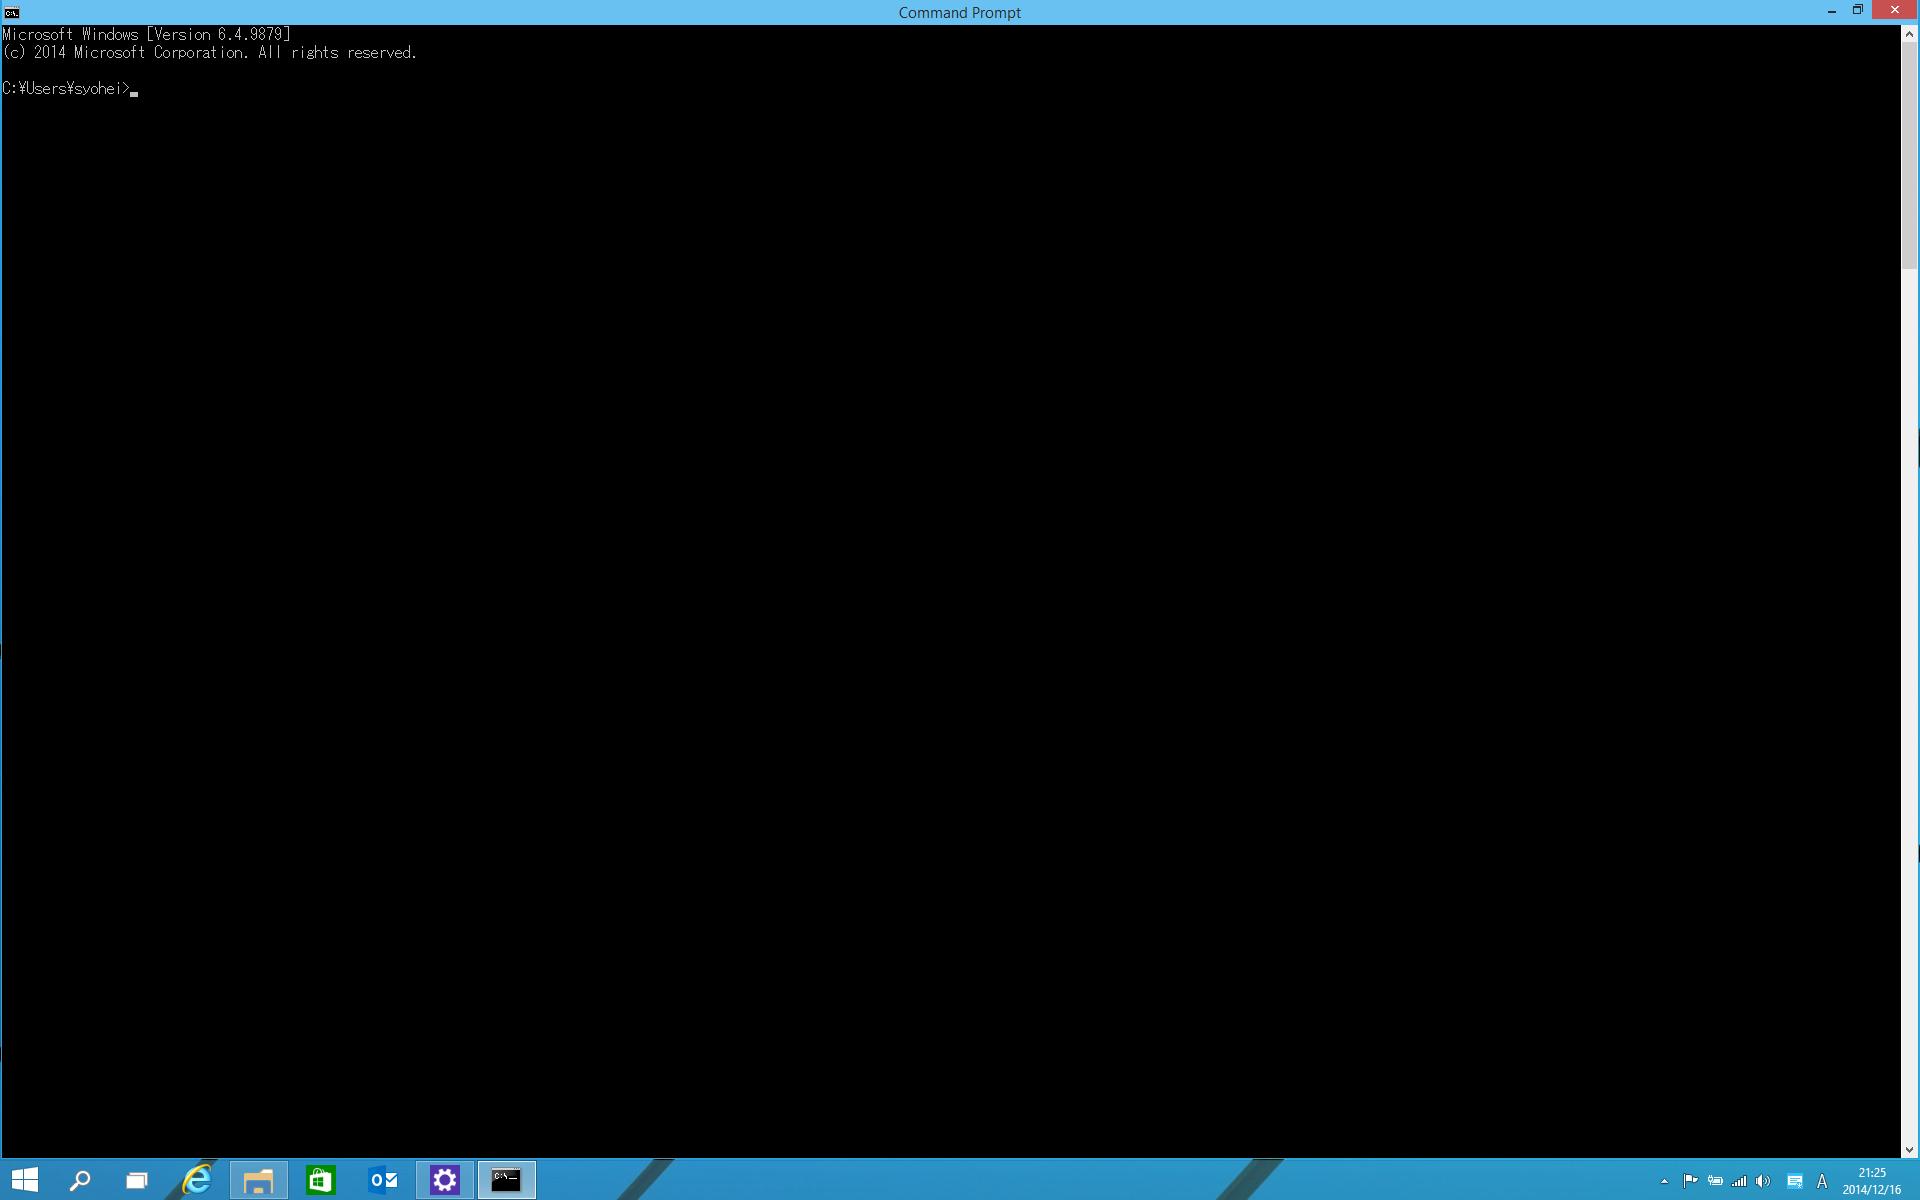 [画像] 【Windows 10カウントダウン】黒背景の刷新で黒歴史を払拭 ...